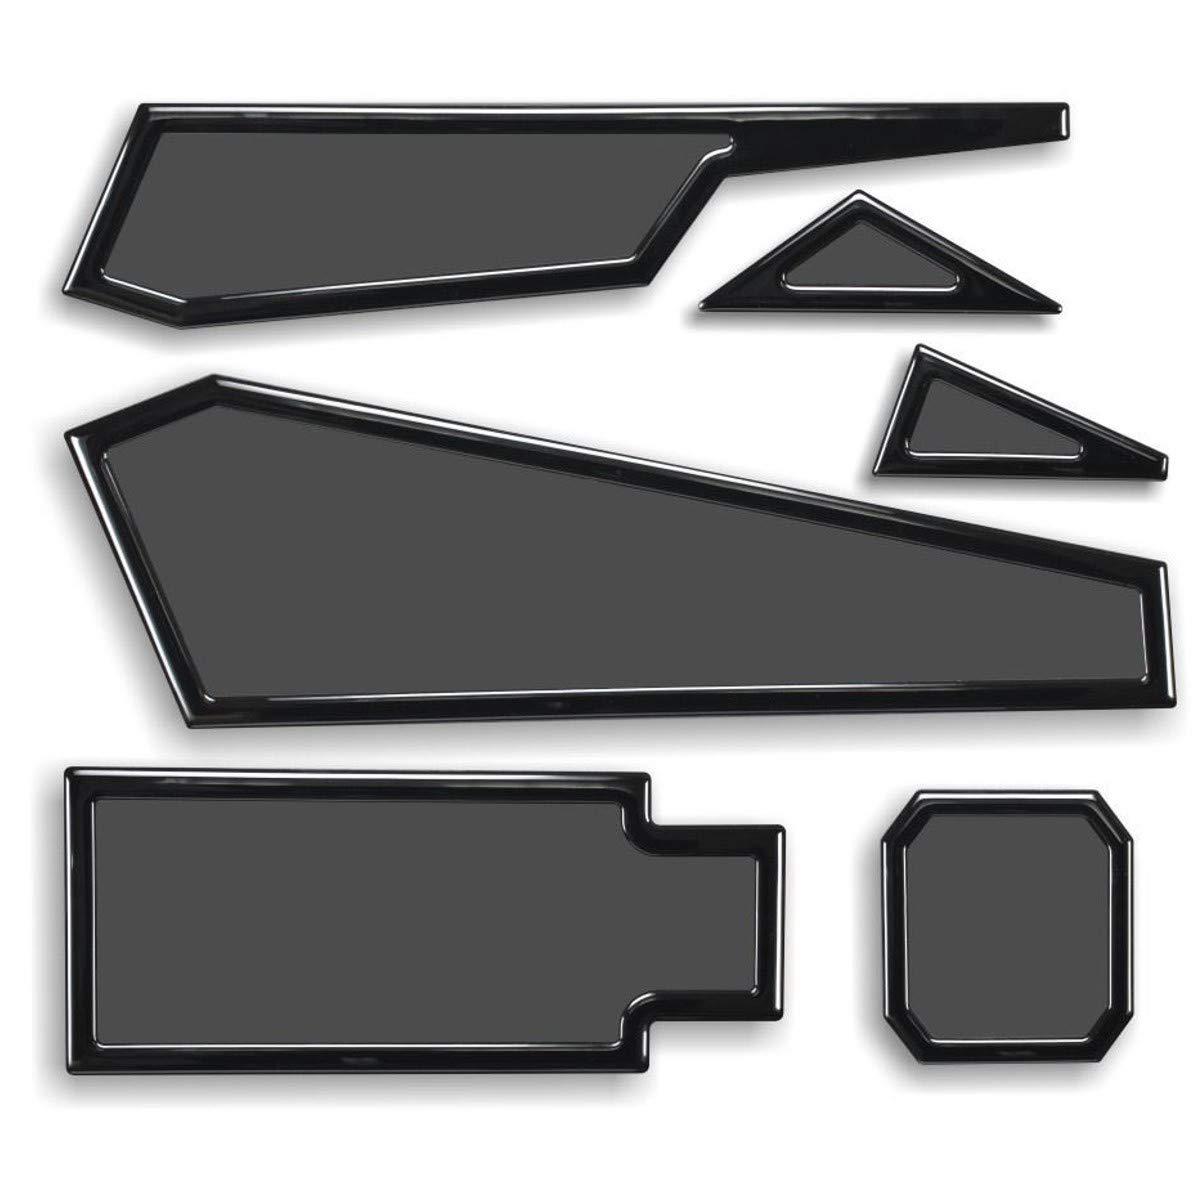 DEMCiflex Dust Filter Kit for Corsair Spec Alpha, Black Frame/Black Mesh